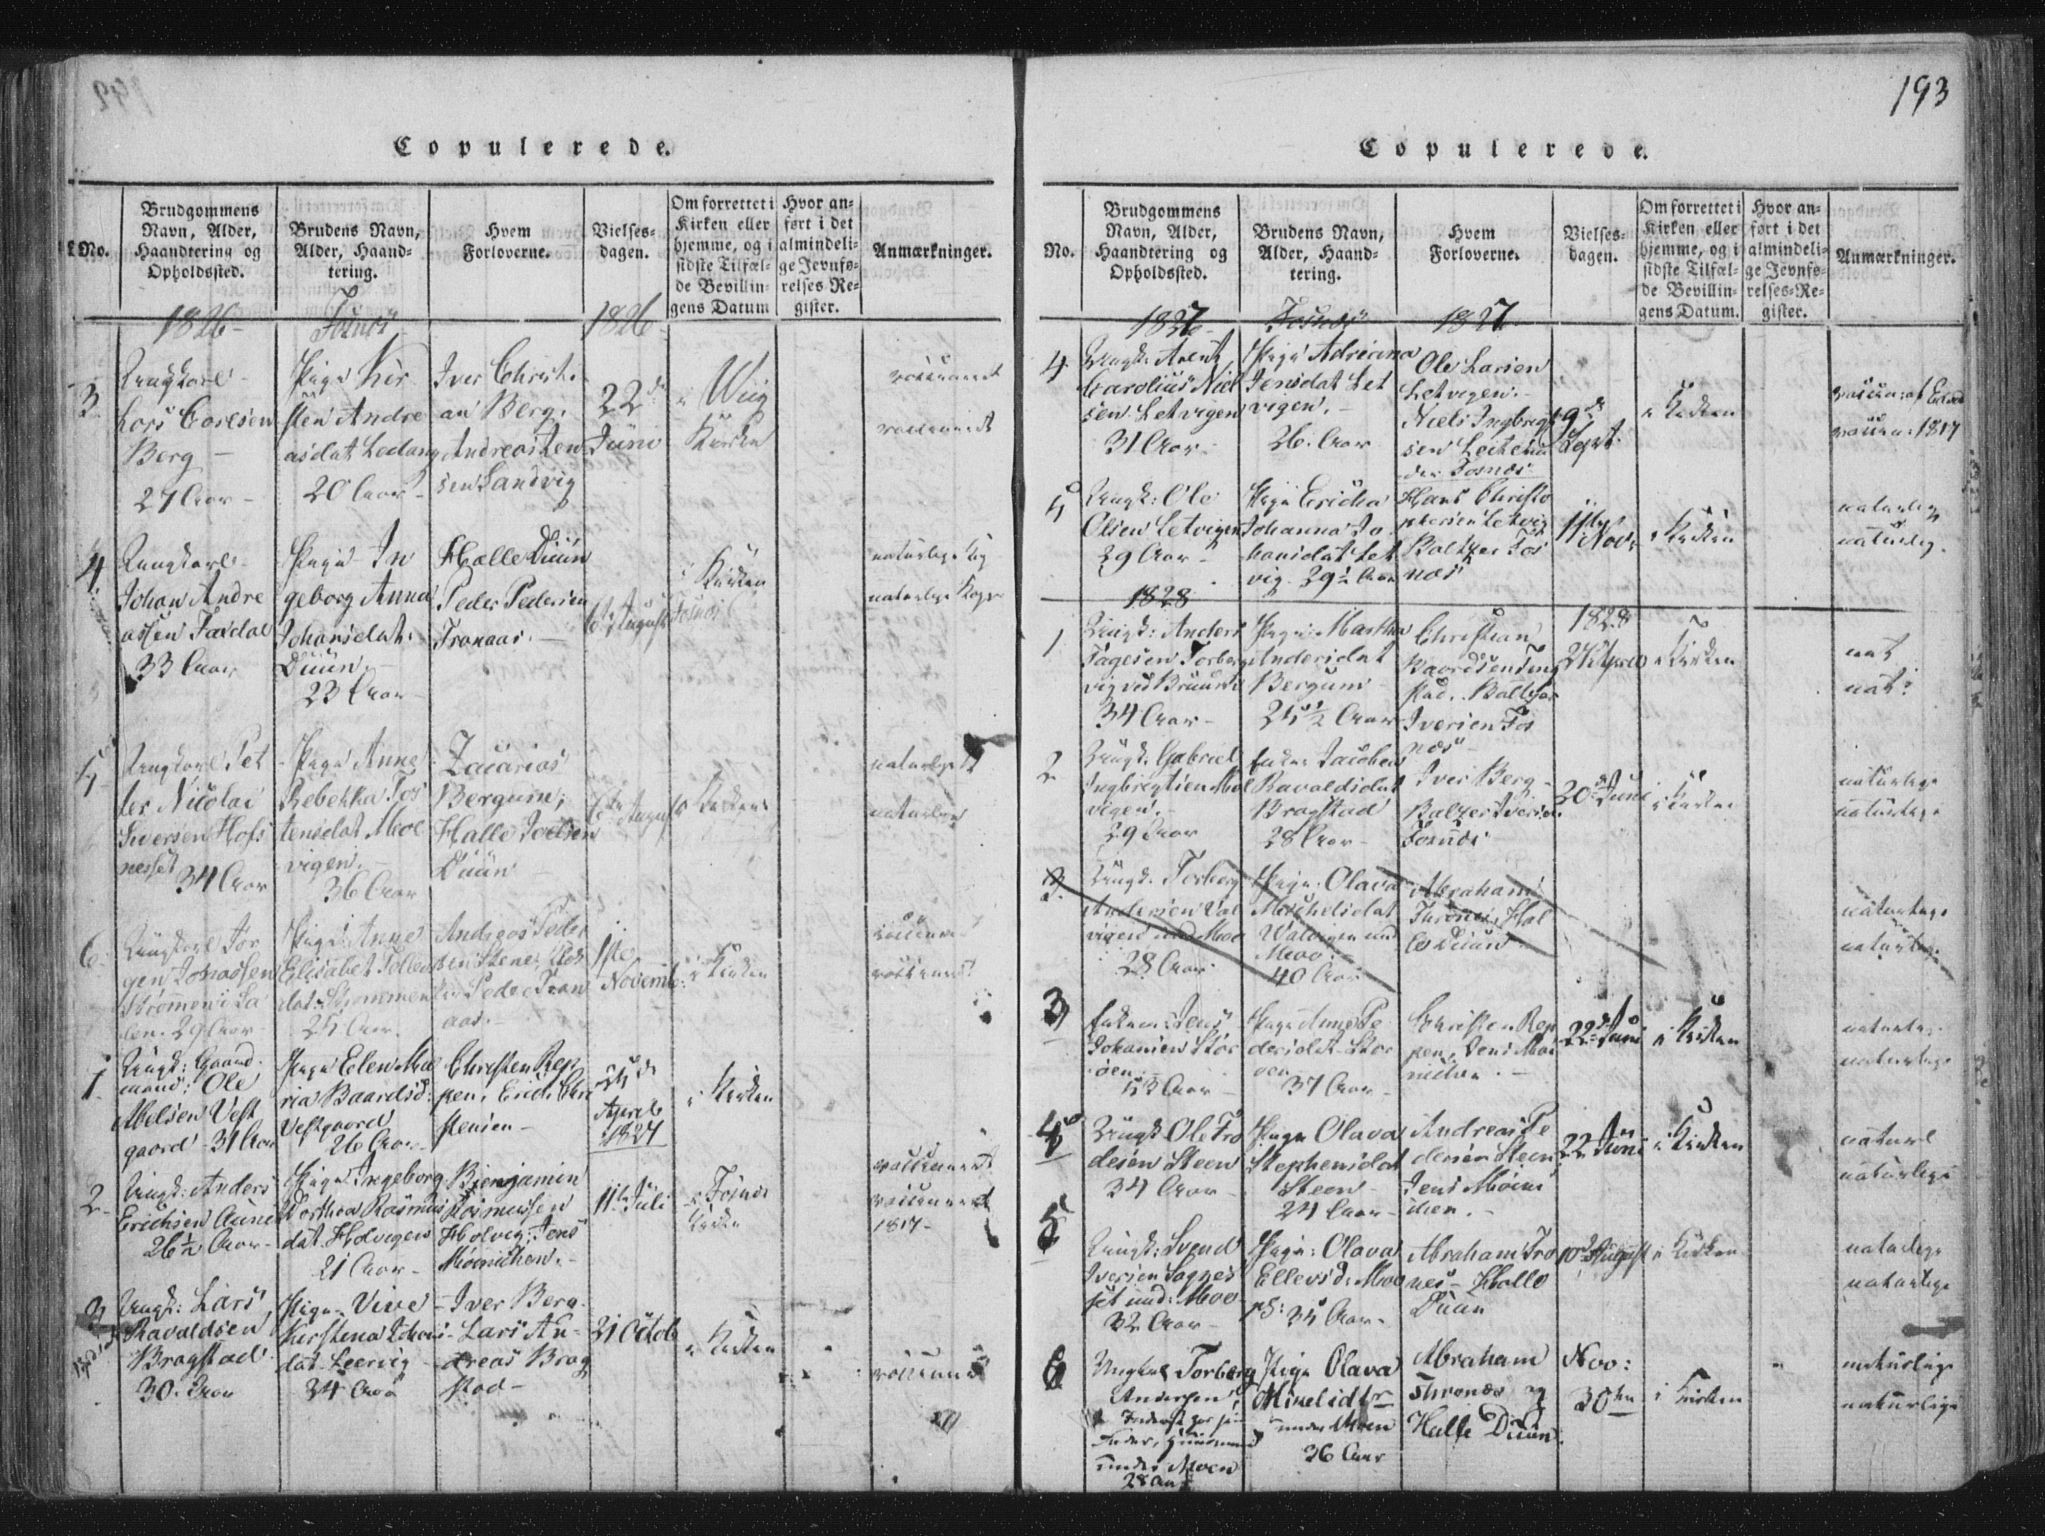 SAT, Ministerialprotokoller, klokkerbøker og fødselsregistre - Nord-Trøndelag, 773/L0609: Ministerialbok nr. 773A03 /1, 1815-1830, s. 193